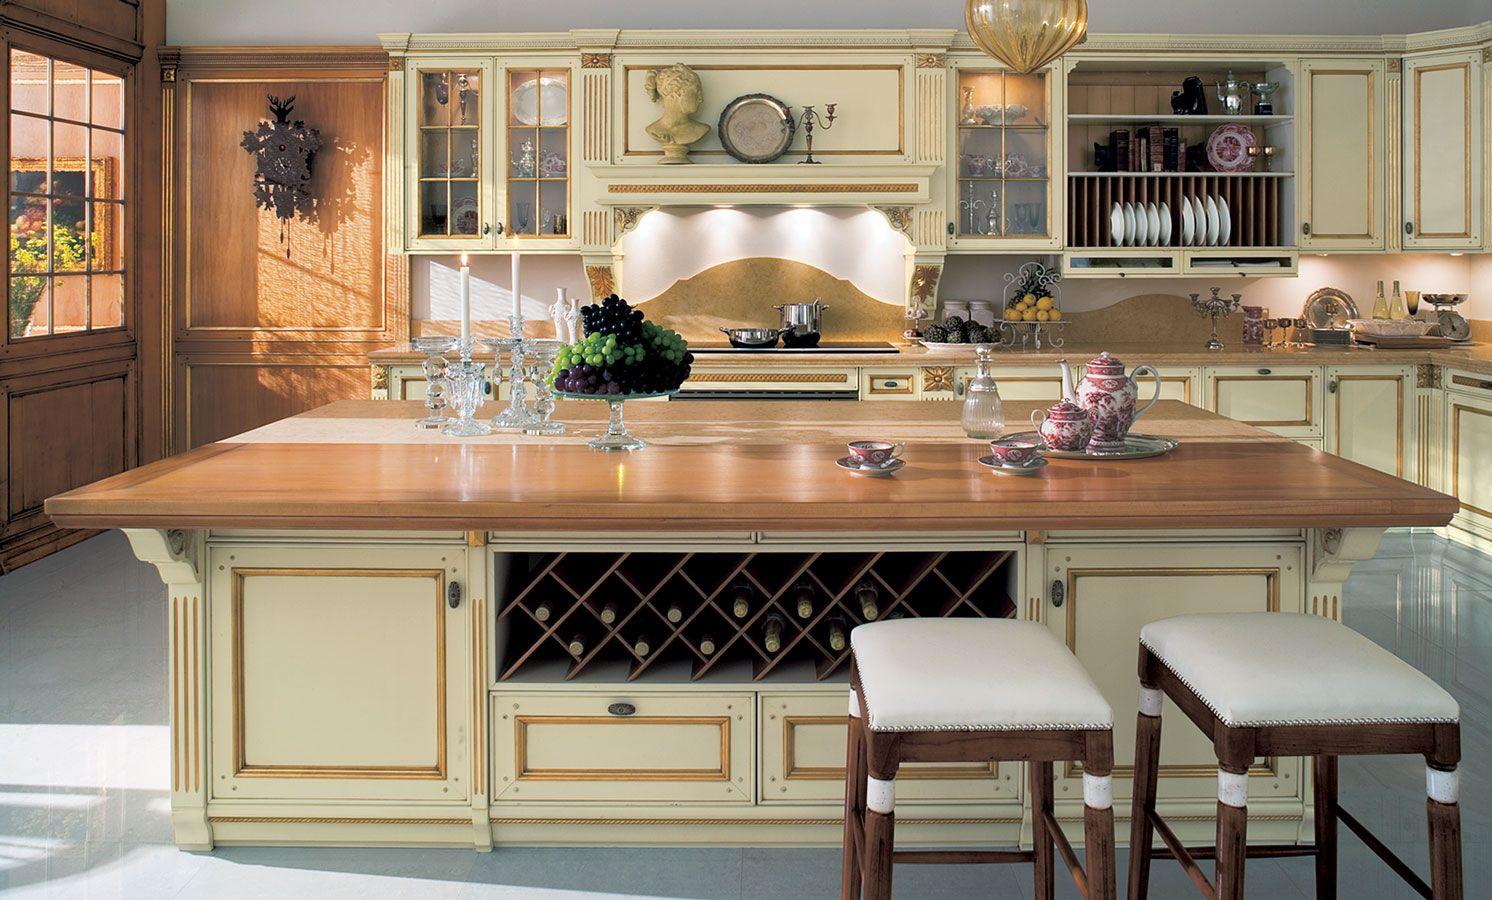 Amazing Retro Kitchen Ideas The Charm Of An Old Era The Kitchen